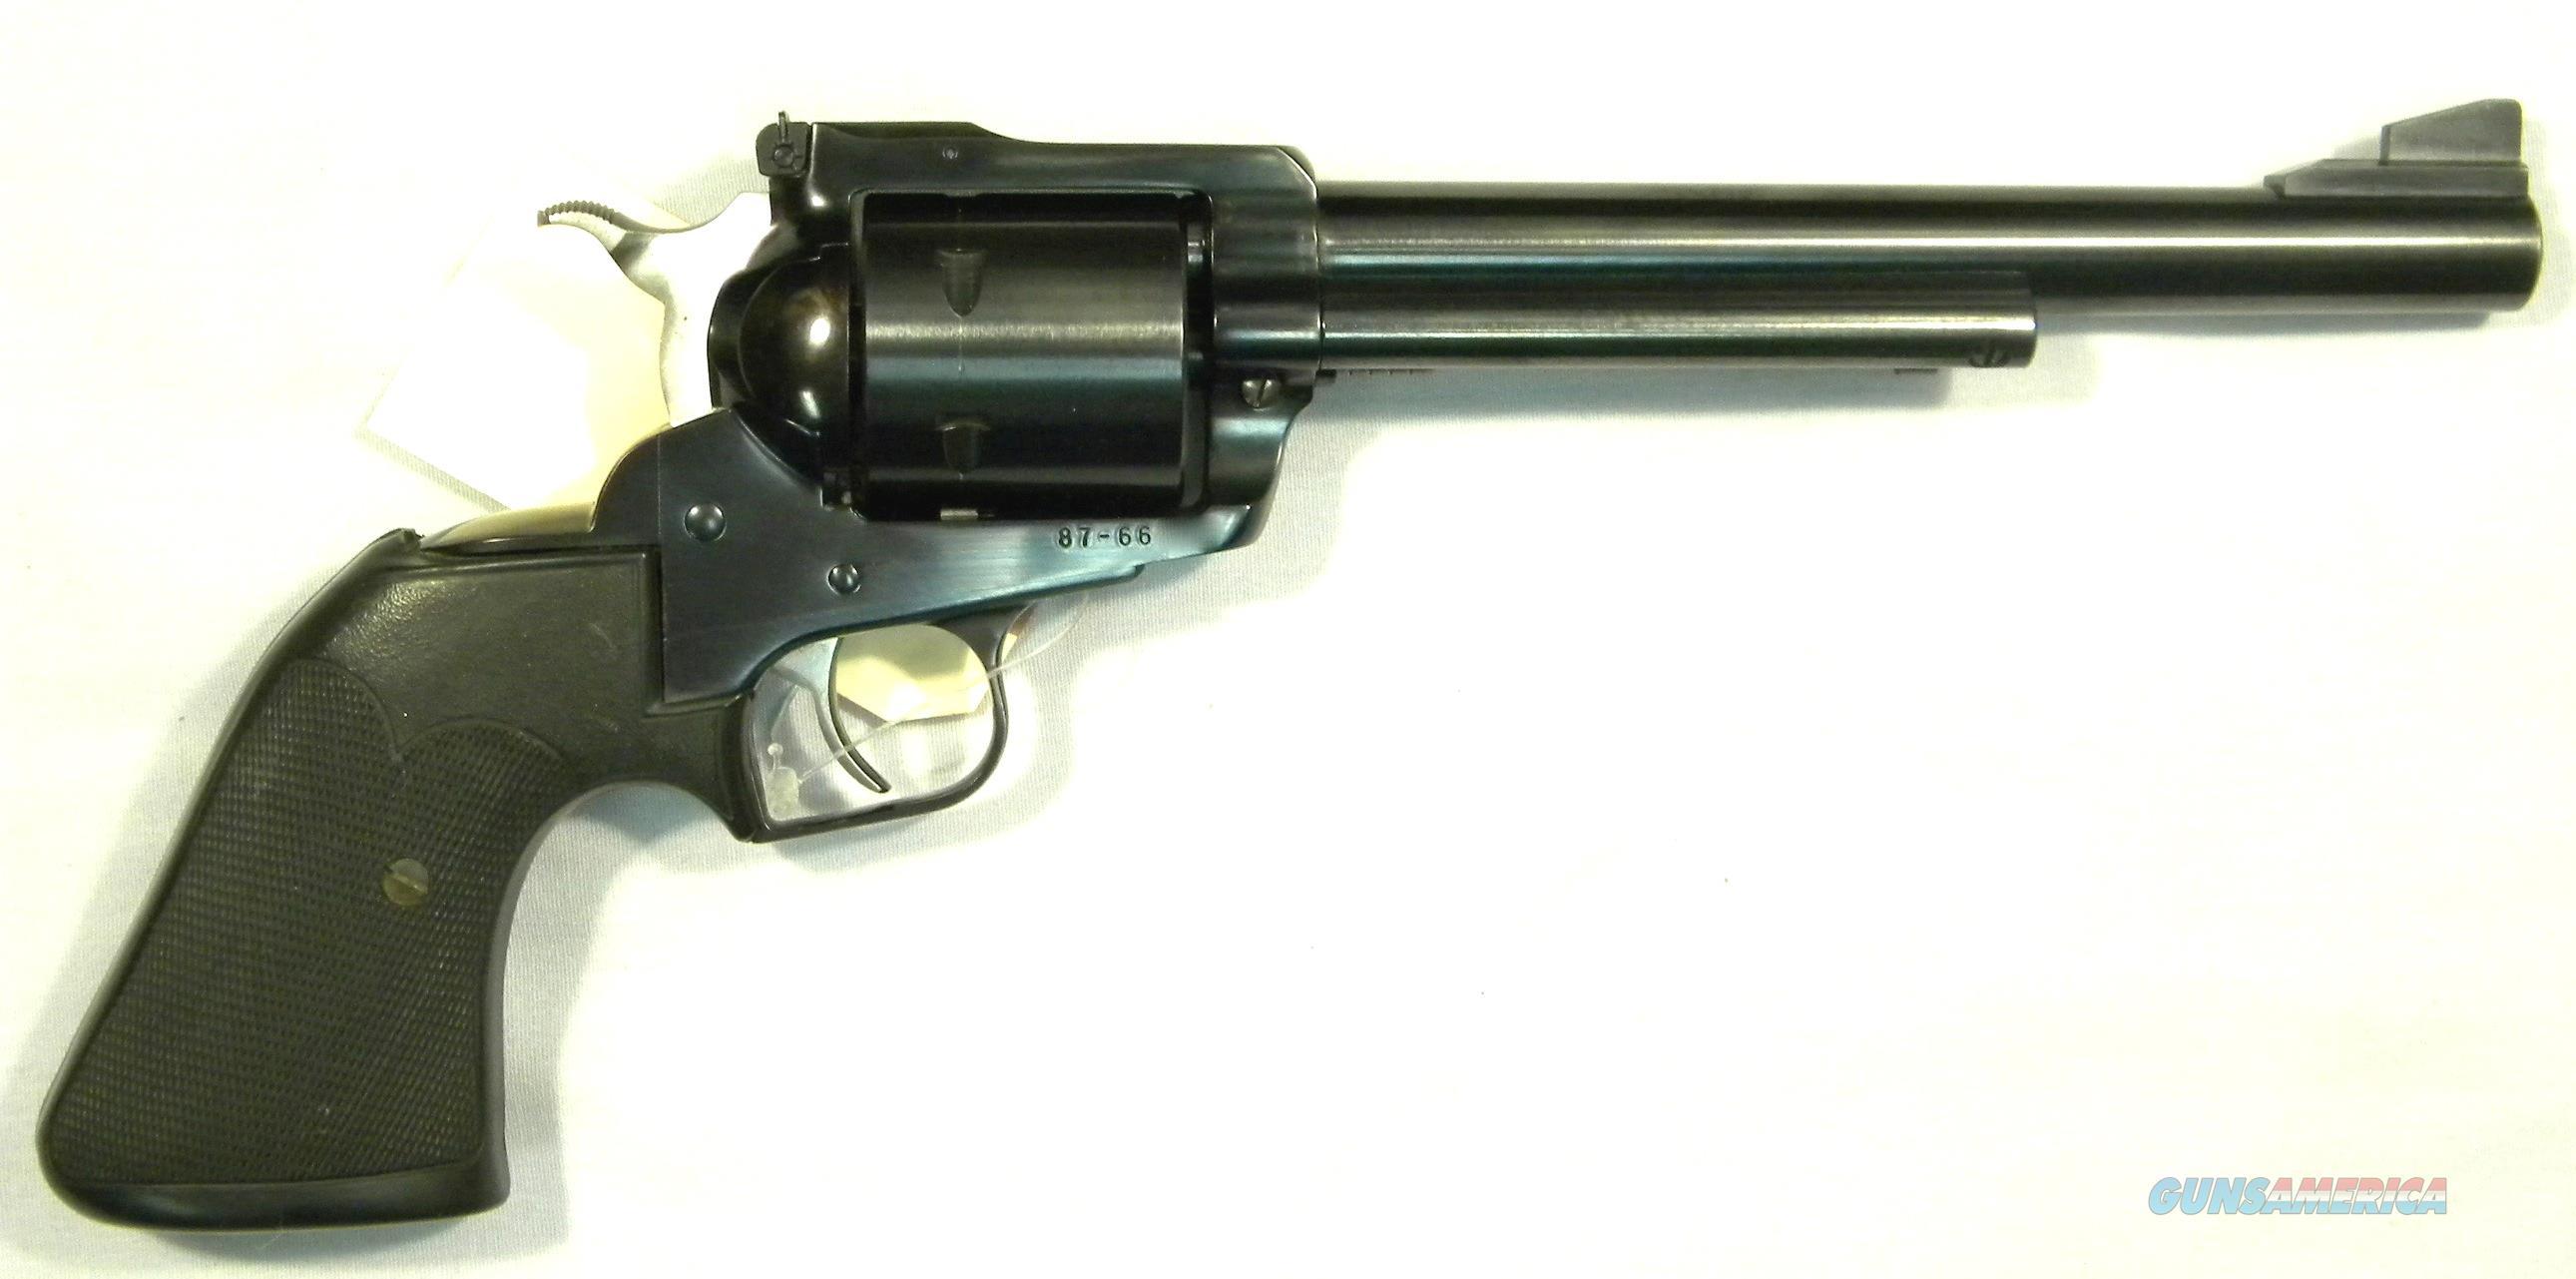 """Ruger New Model Super Blackhawk, .44 Magnum 7-1/2"""" Blued, As-New!  Guns > Pistols > Ruger Single Action Revolvers > Blackhawk Type"""